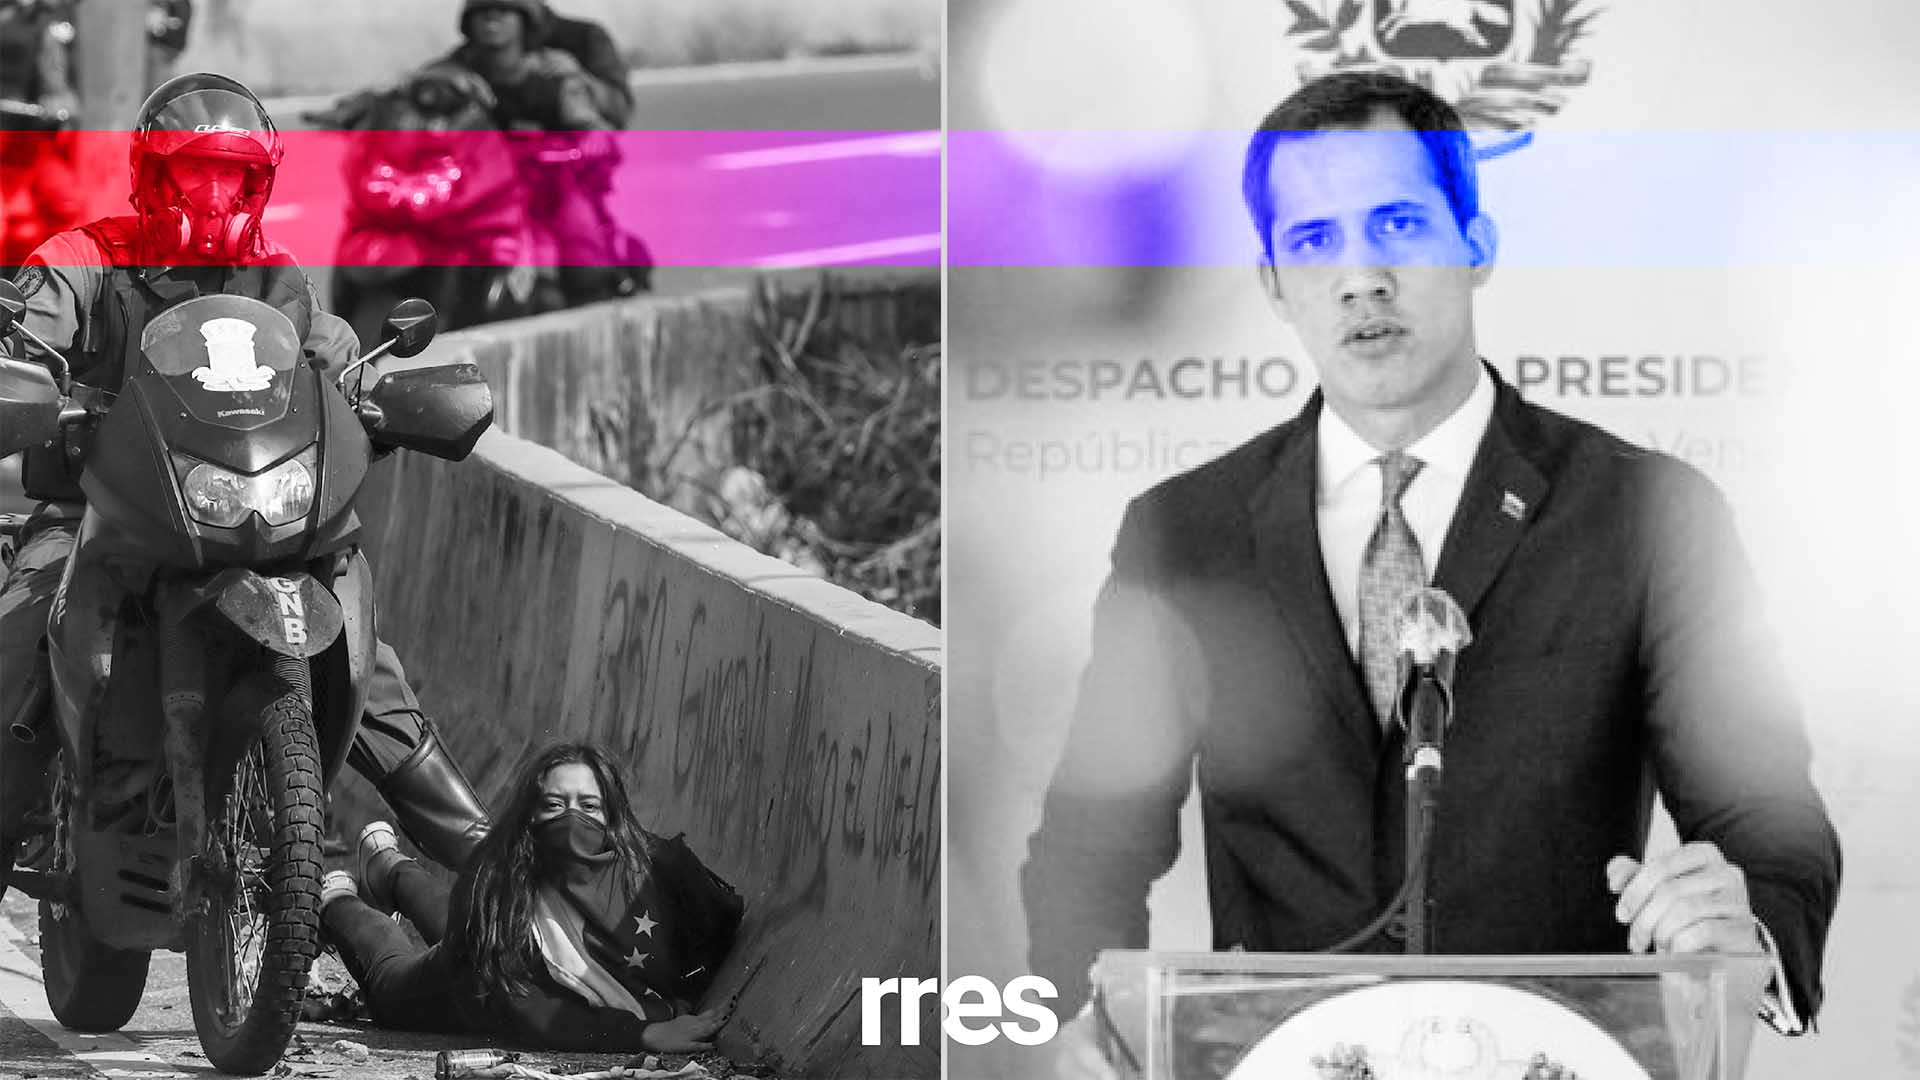 El presidente (e) Guaidó y la responsabilidad de proteger, por Eddie A. Ramírez S.